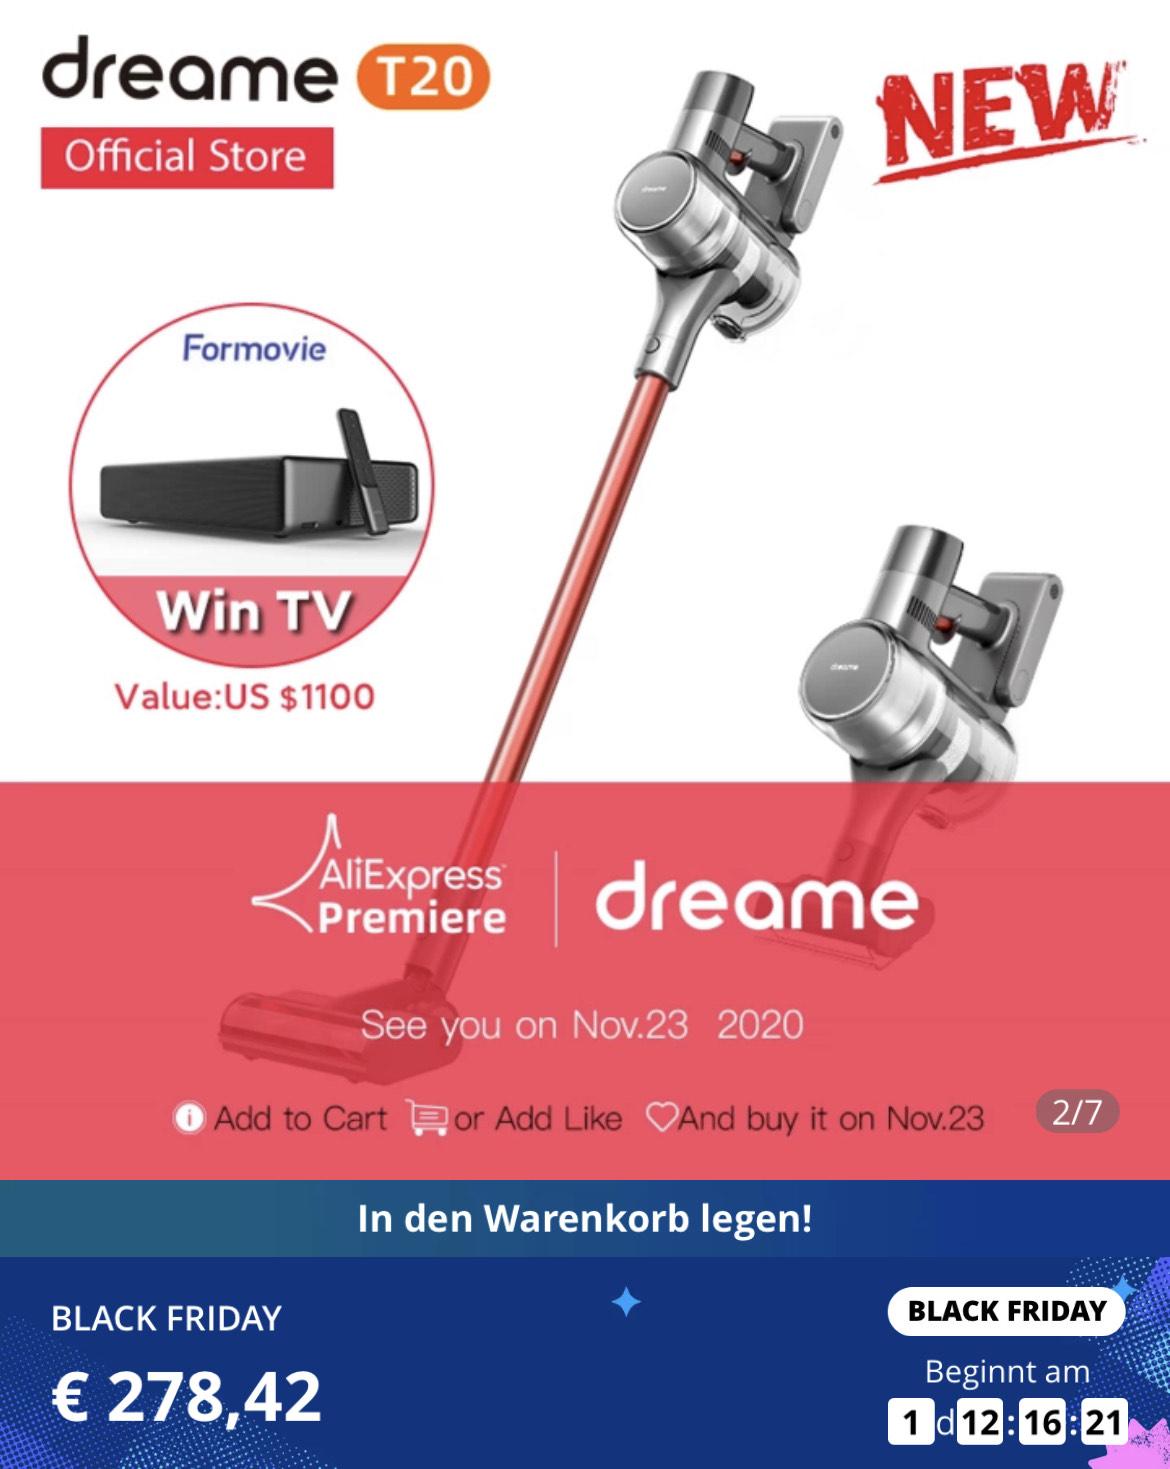 Dreame T20 - Akku-Staubsauger (125k U, 150AW, wechselbarer Akku, HD-Display, 600ml Behälter [AliExpress, dreame Official, EU-Versand]